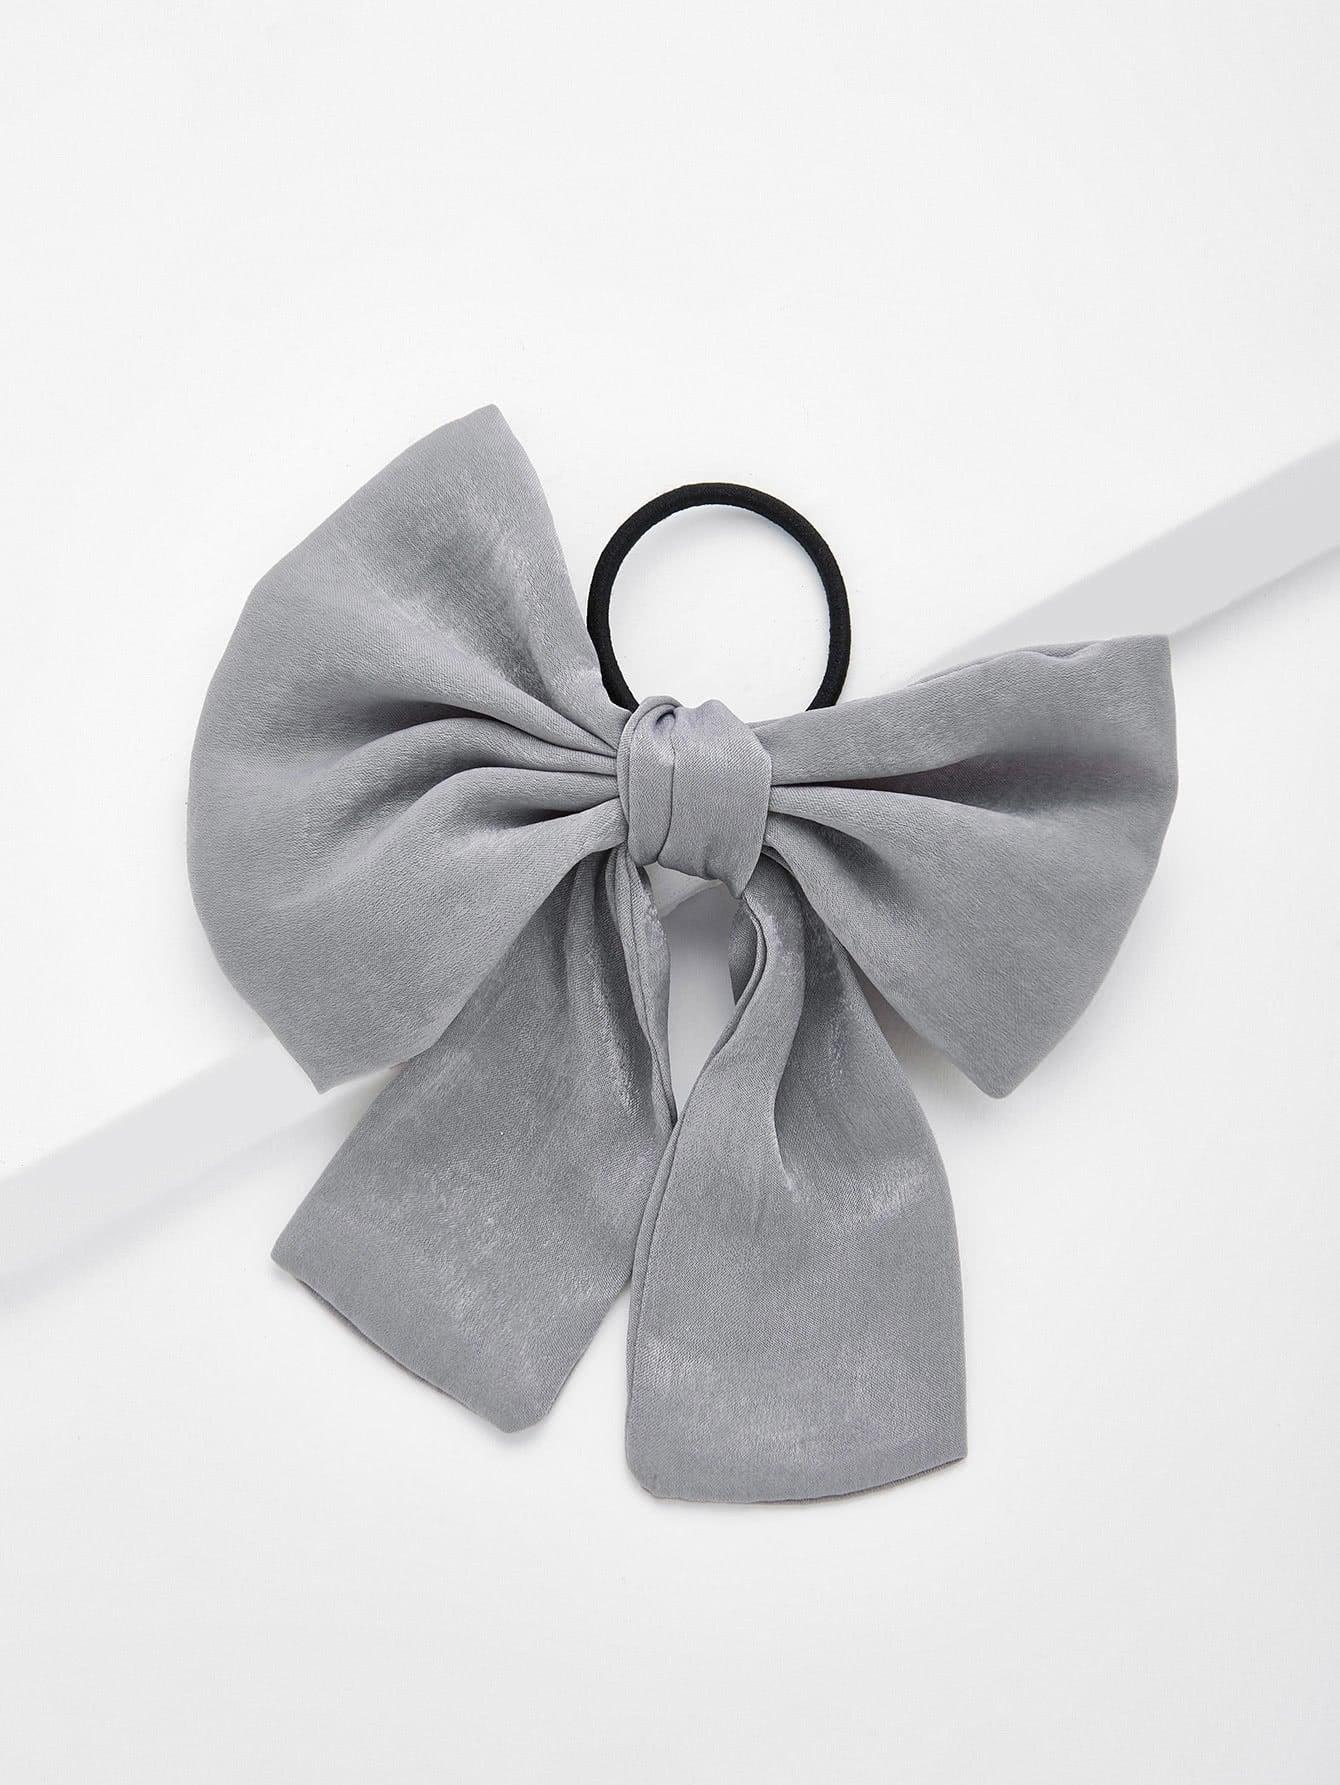 Bow Tie Design Hair Tie bow tie hair ties set